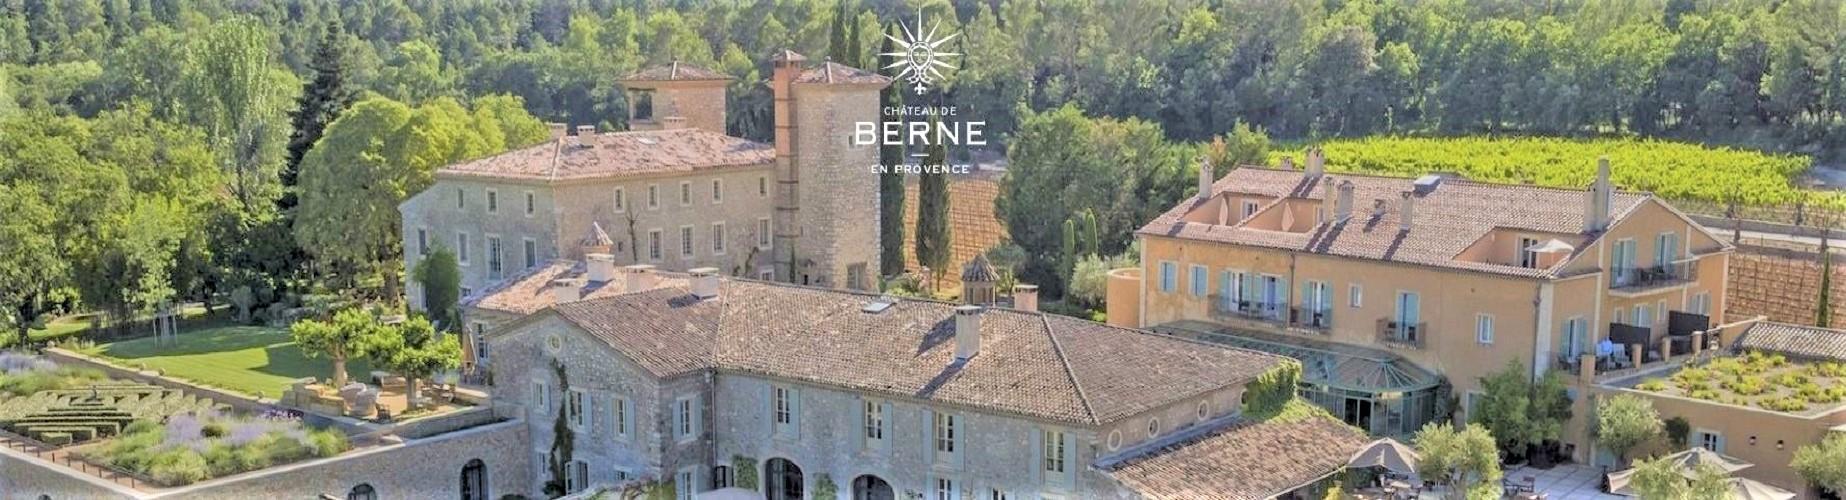 Chateau-de-berne-provence-vignoble-seminaires-de-caractere.JPG (2)